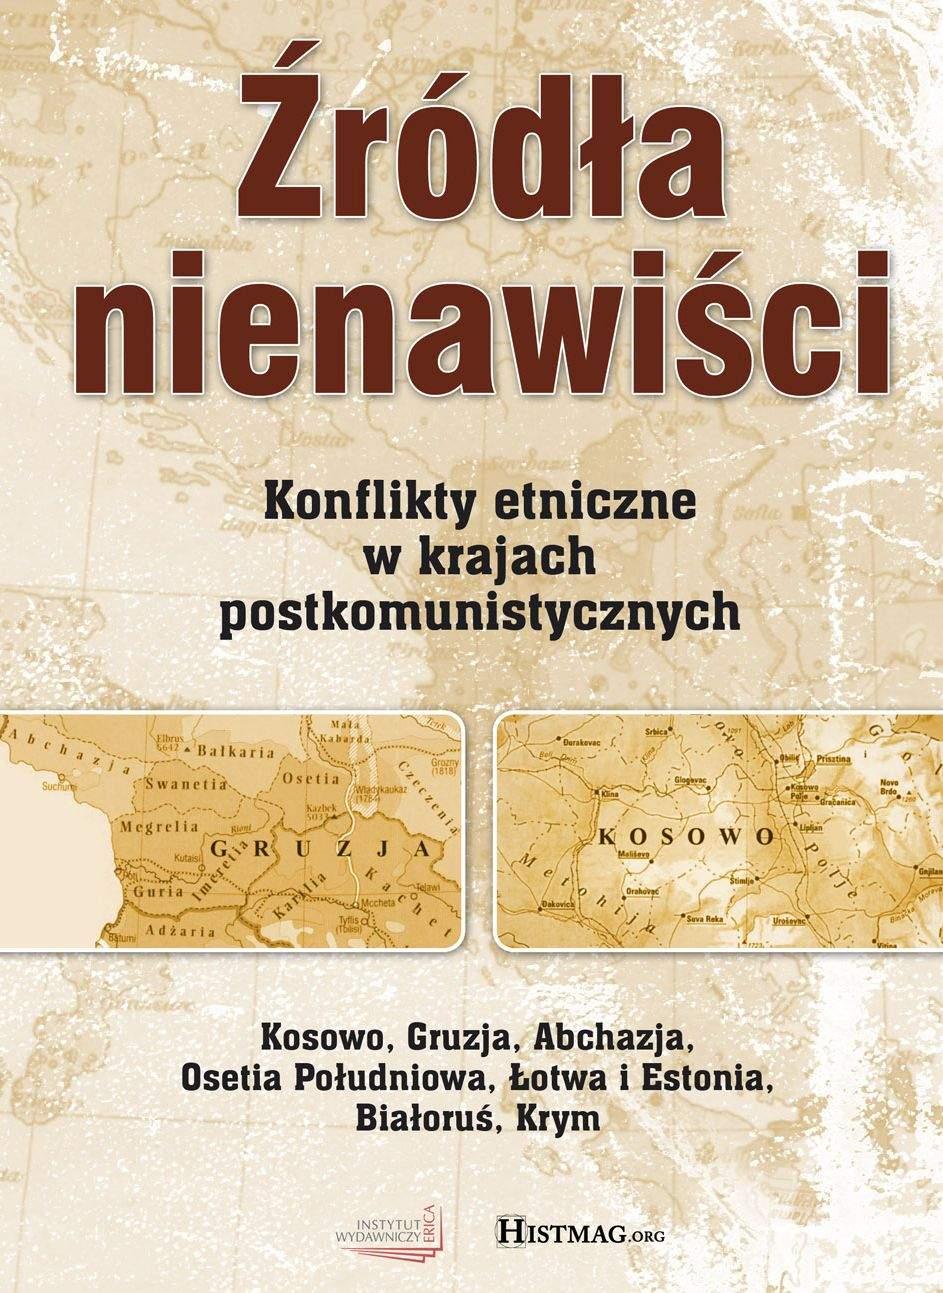 Źródła nienawiści. Konflikty etniczne w krajach postkomunistycznych - Ebook (Książka na Kindle) do pobrania w formacie MOBI